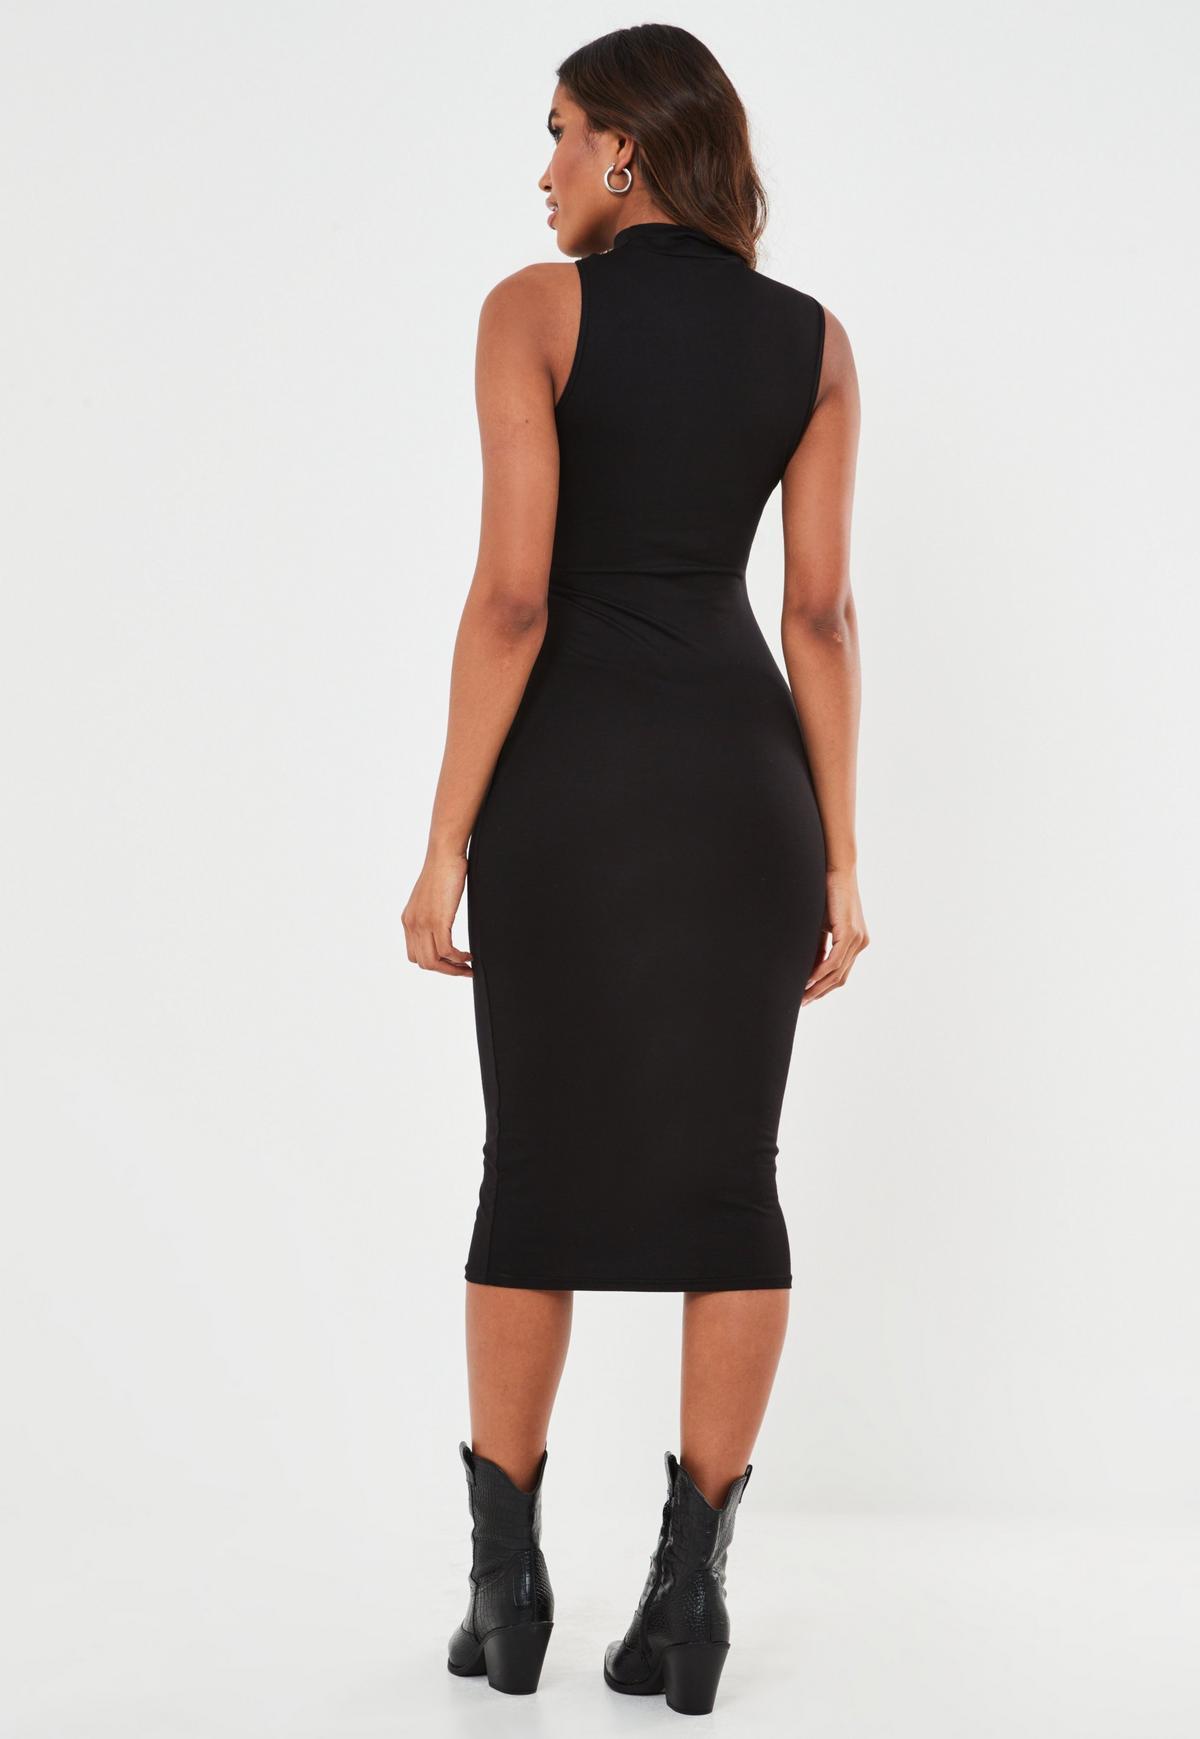 Ärmelloses Cut-Out Midaxi-Kleid in Schwarz | Missguided